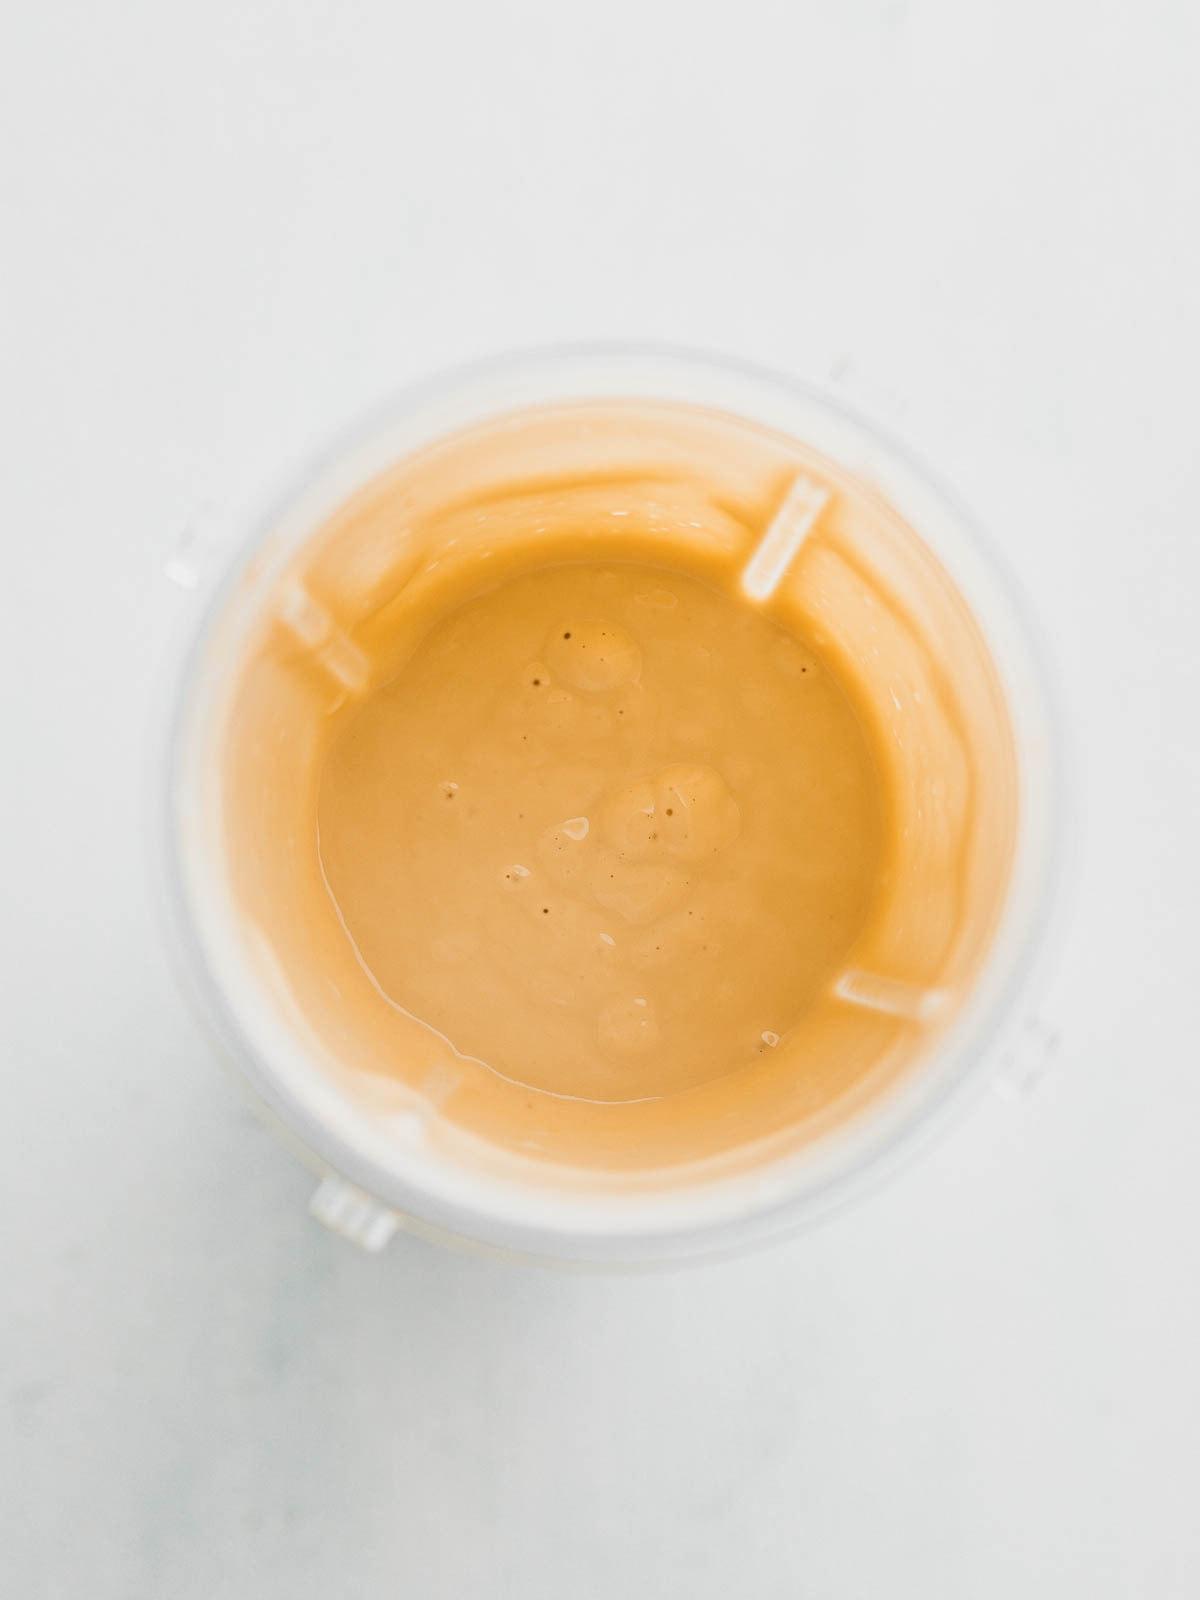 Blended vegan egg mixture in blender